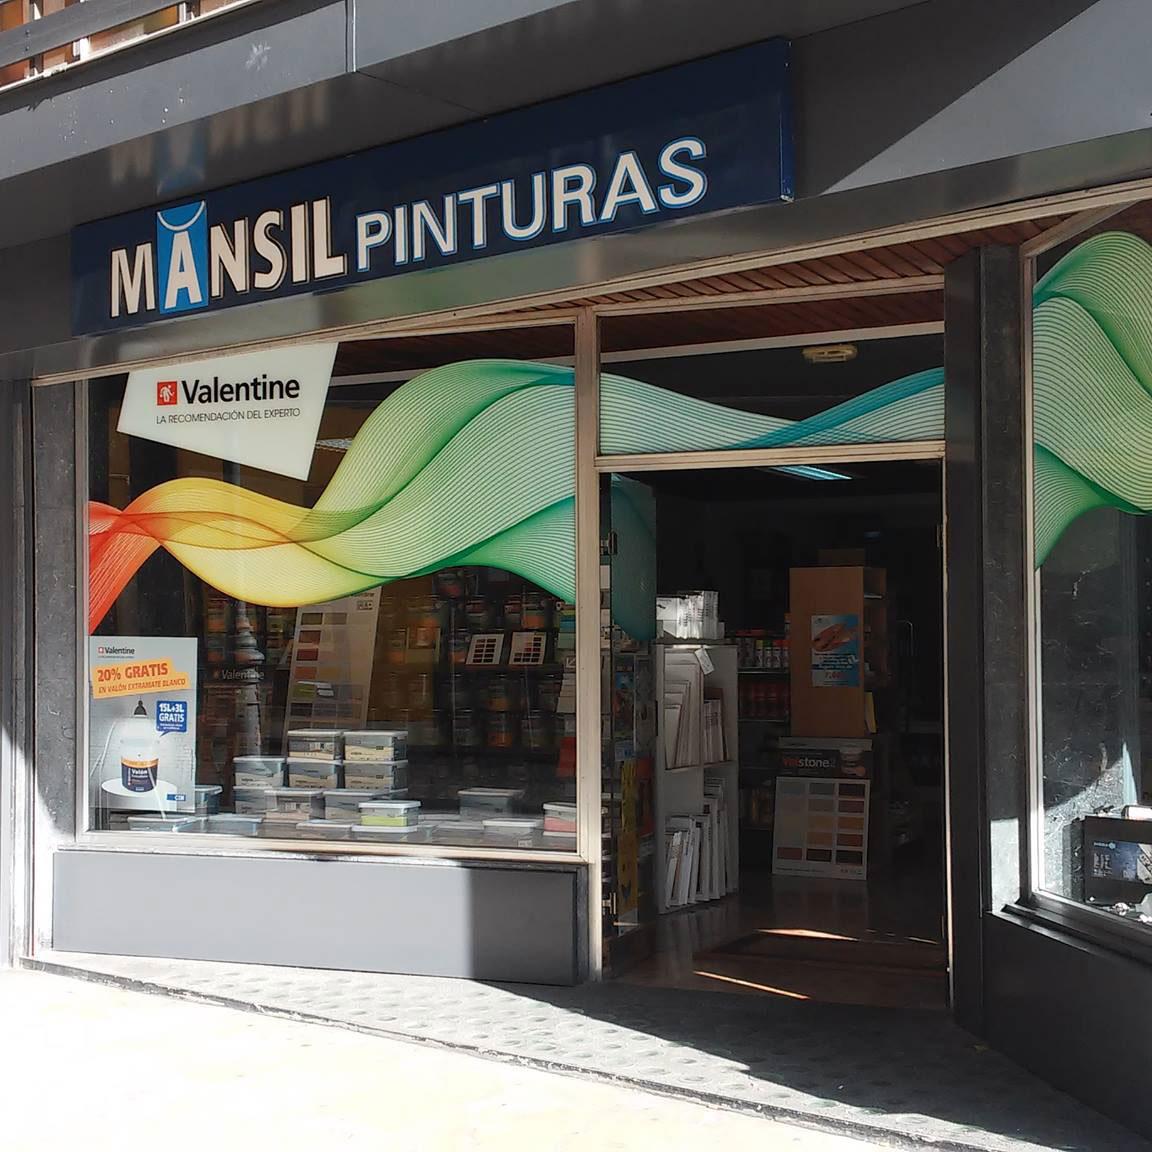 Pinturas Mansil